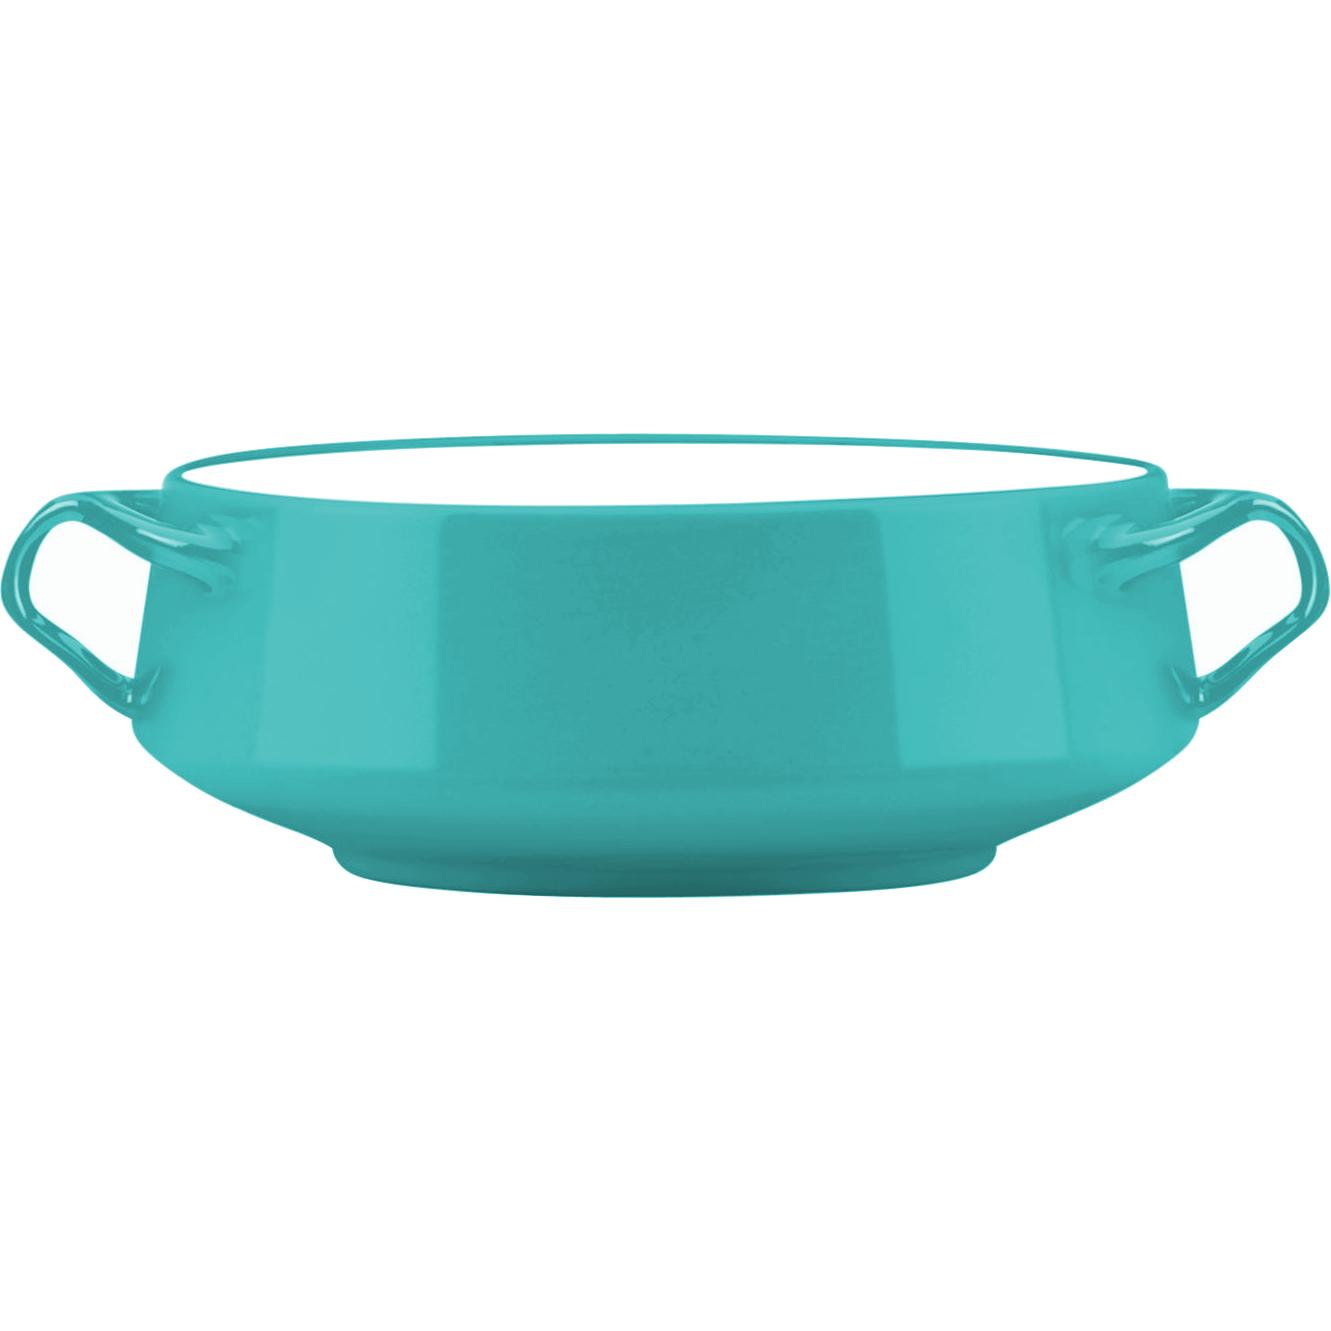 Dansk Kobenstyle Teal Large Stoneware Serving Bowl